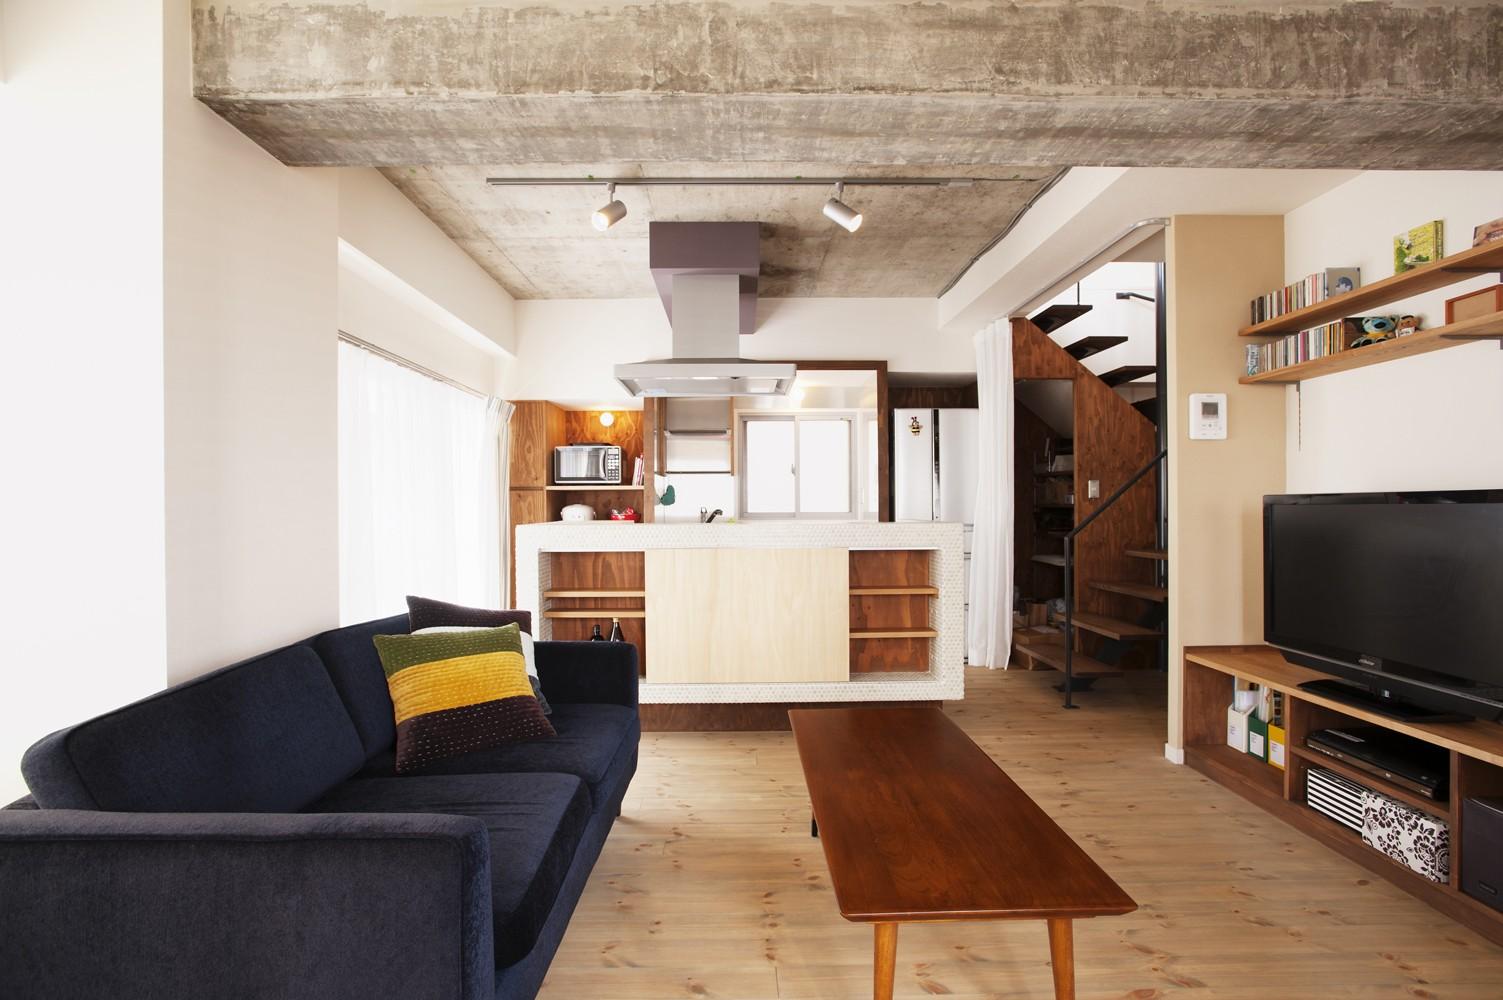 キッチン事例:キッチン(I様邸_昭和時代の喫茶店のようないえ)